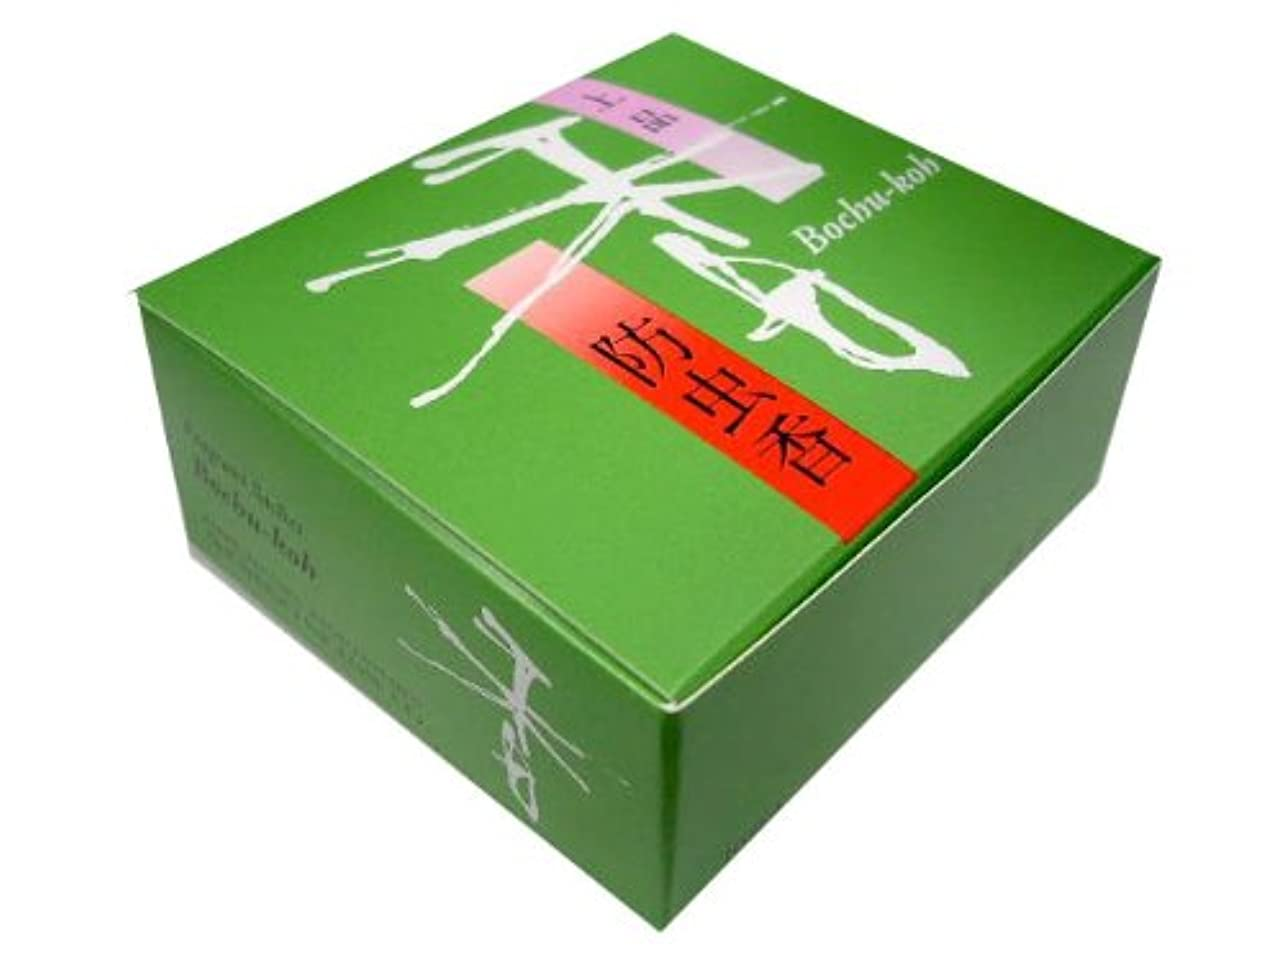 漂流責戦士松栄堂の防虫香 上品 防虫香 10袋入 #520138